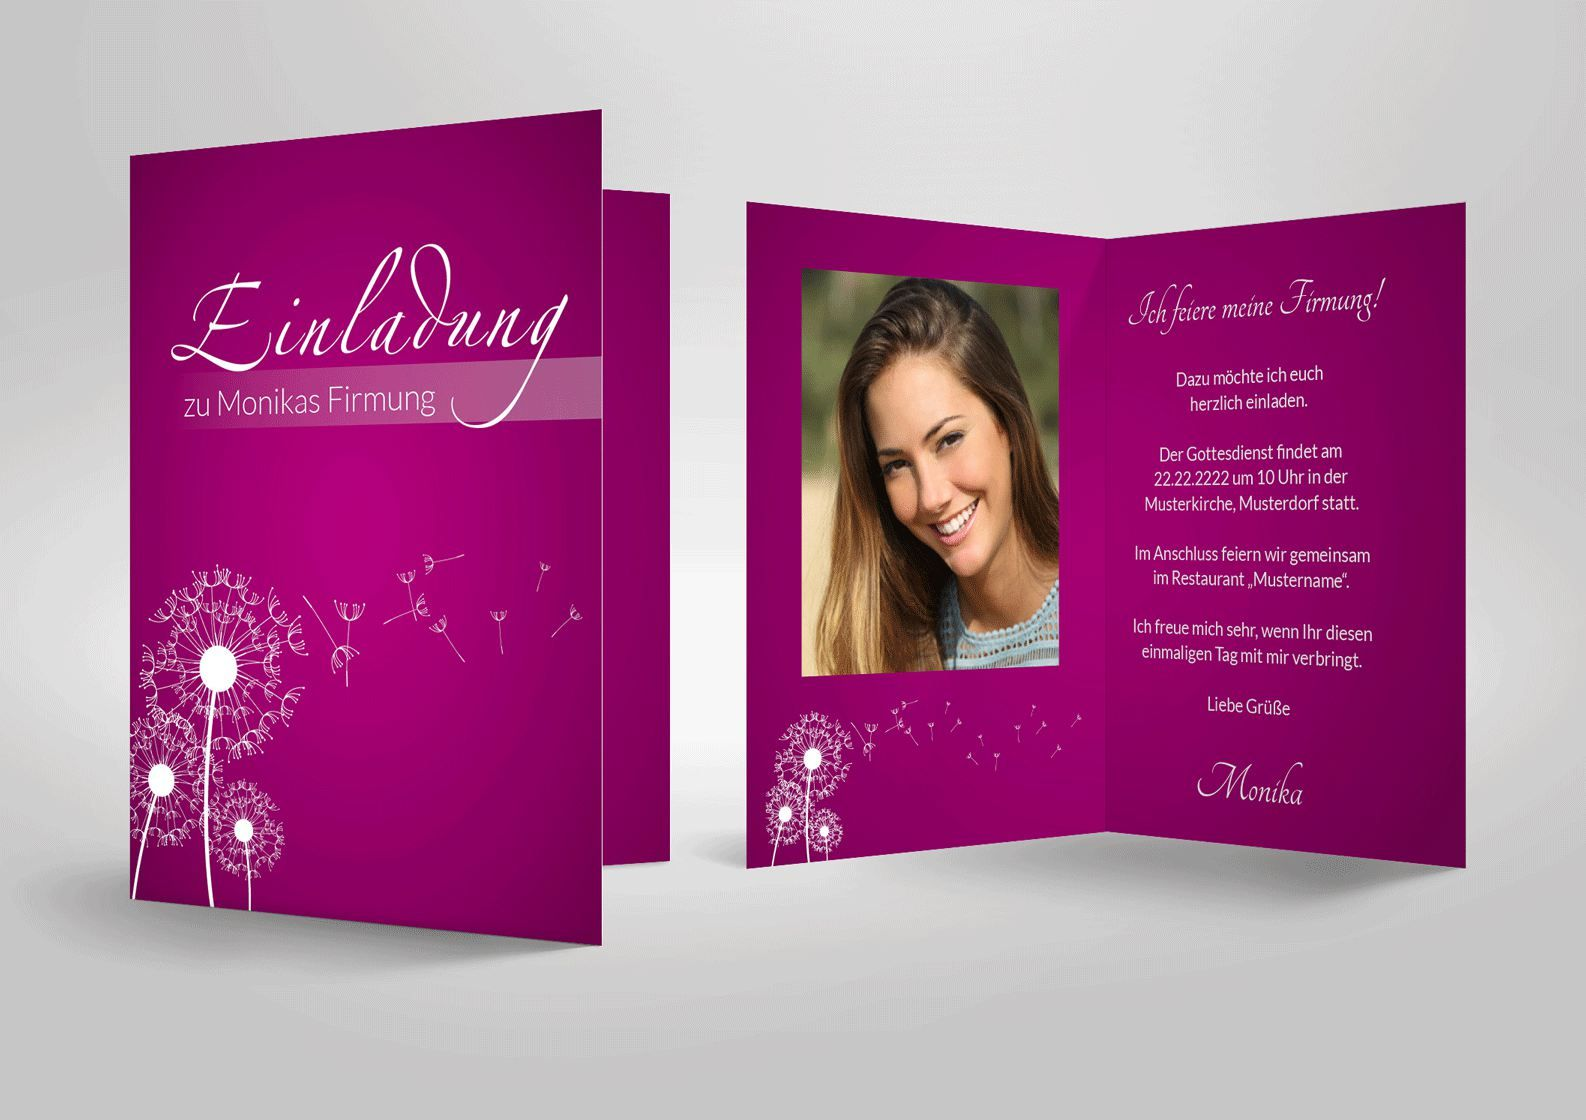 Einladungskarten Drucken Kostenlos Geburtstag Einladungskarten